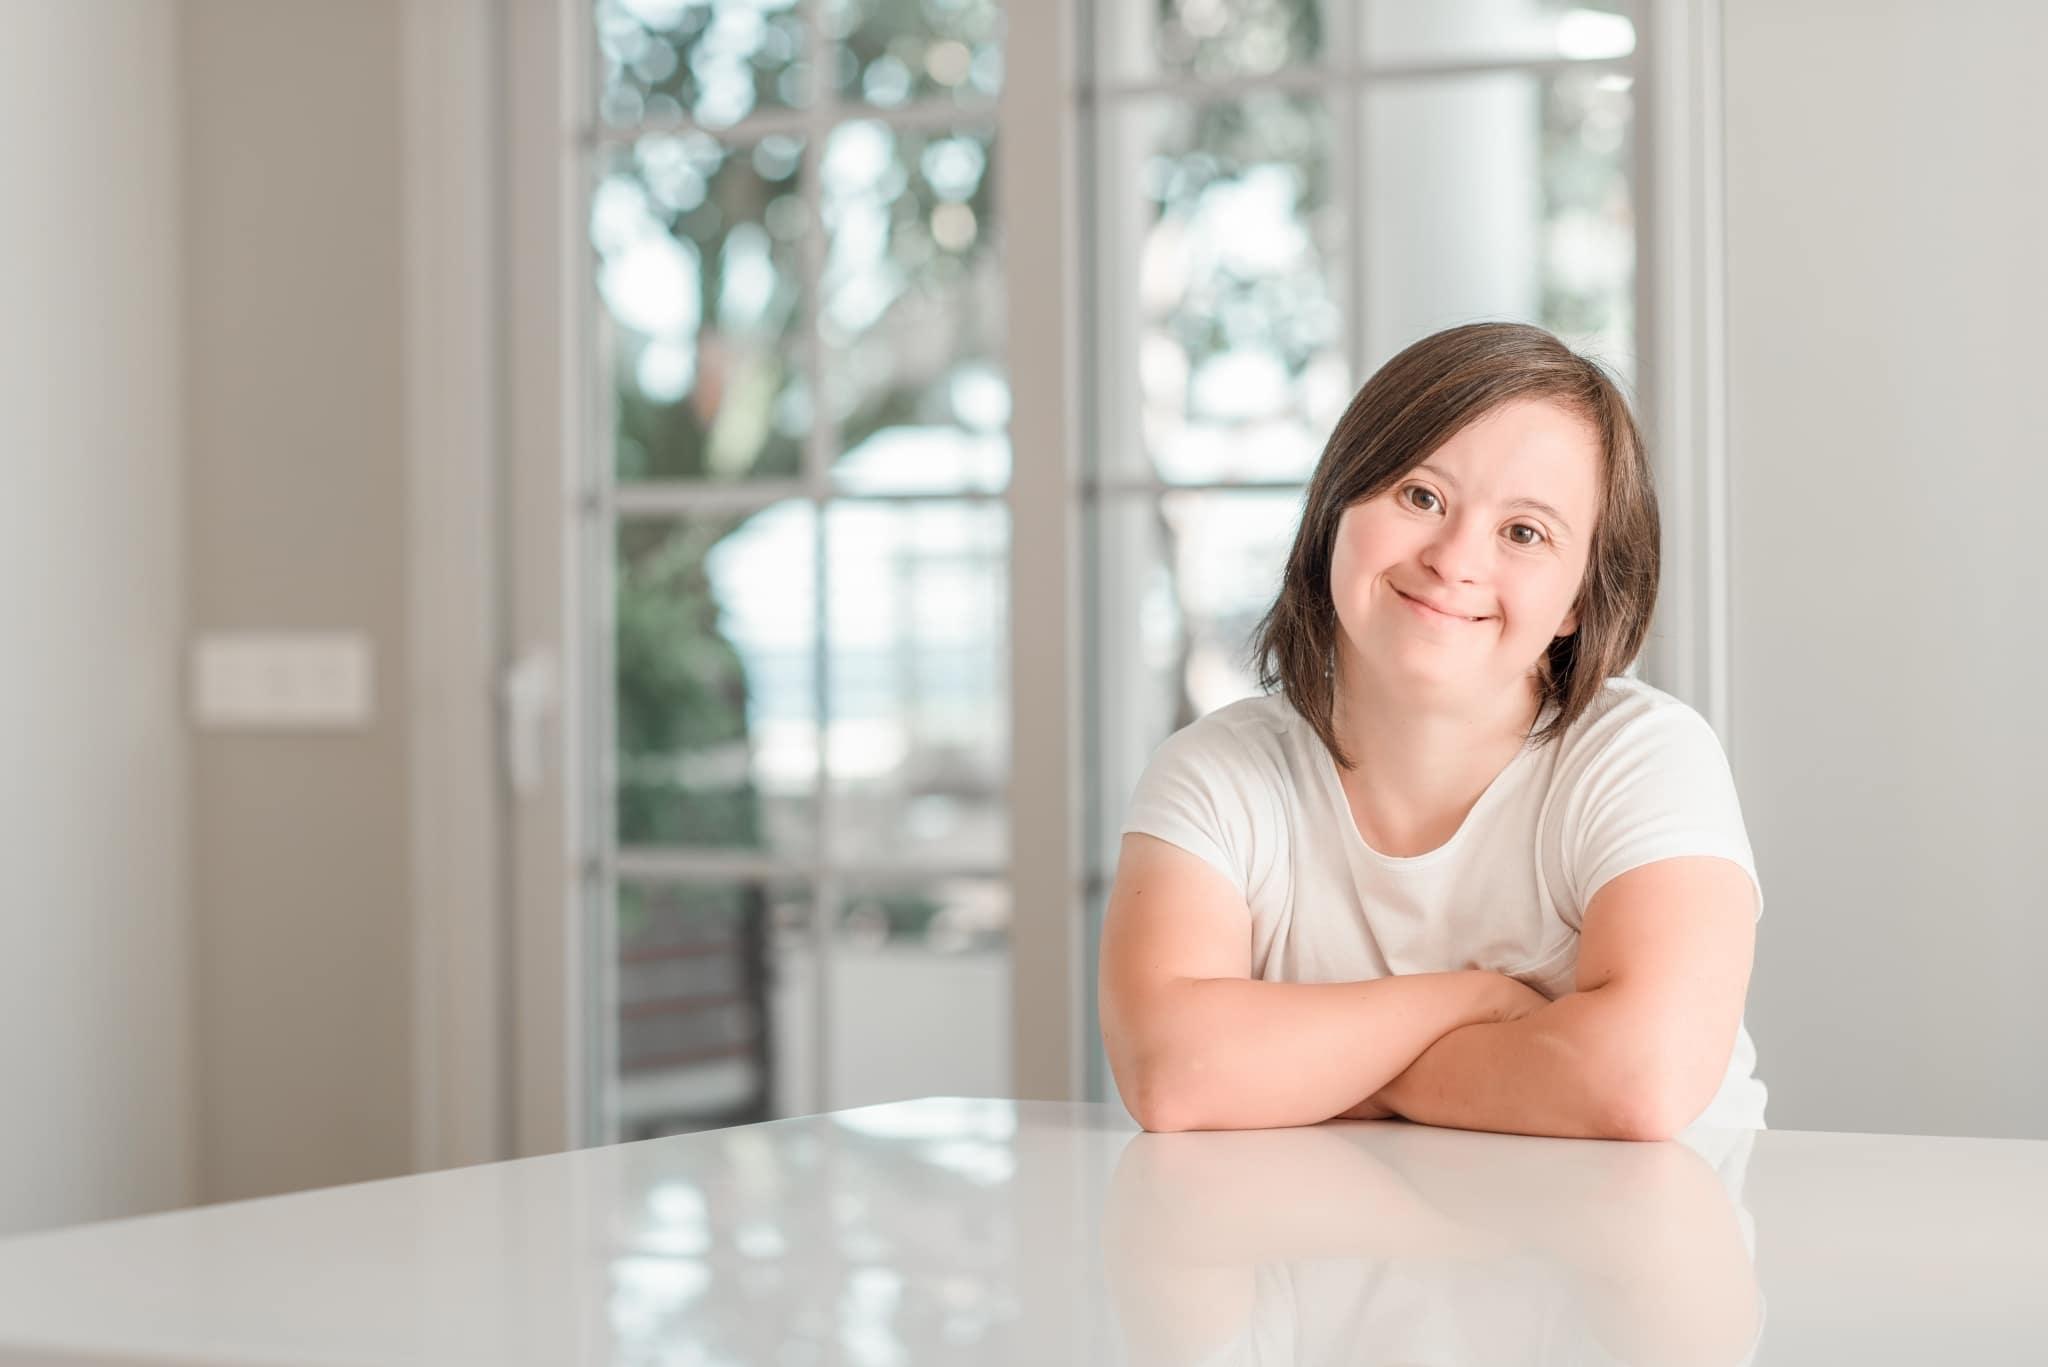 Fröhliches Mädchen mit Down Syndrome